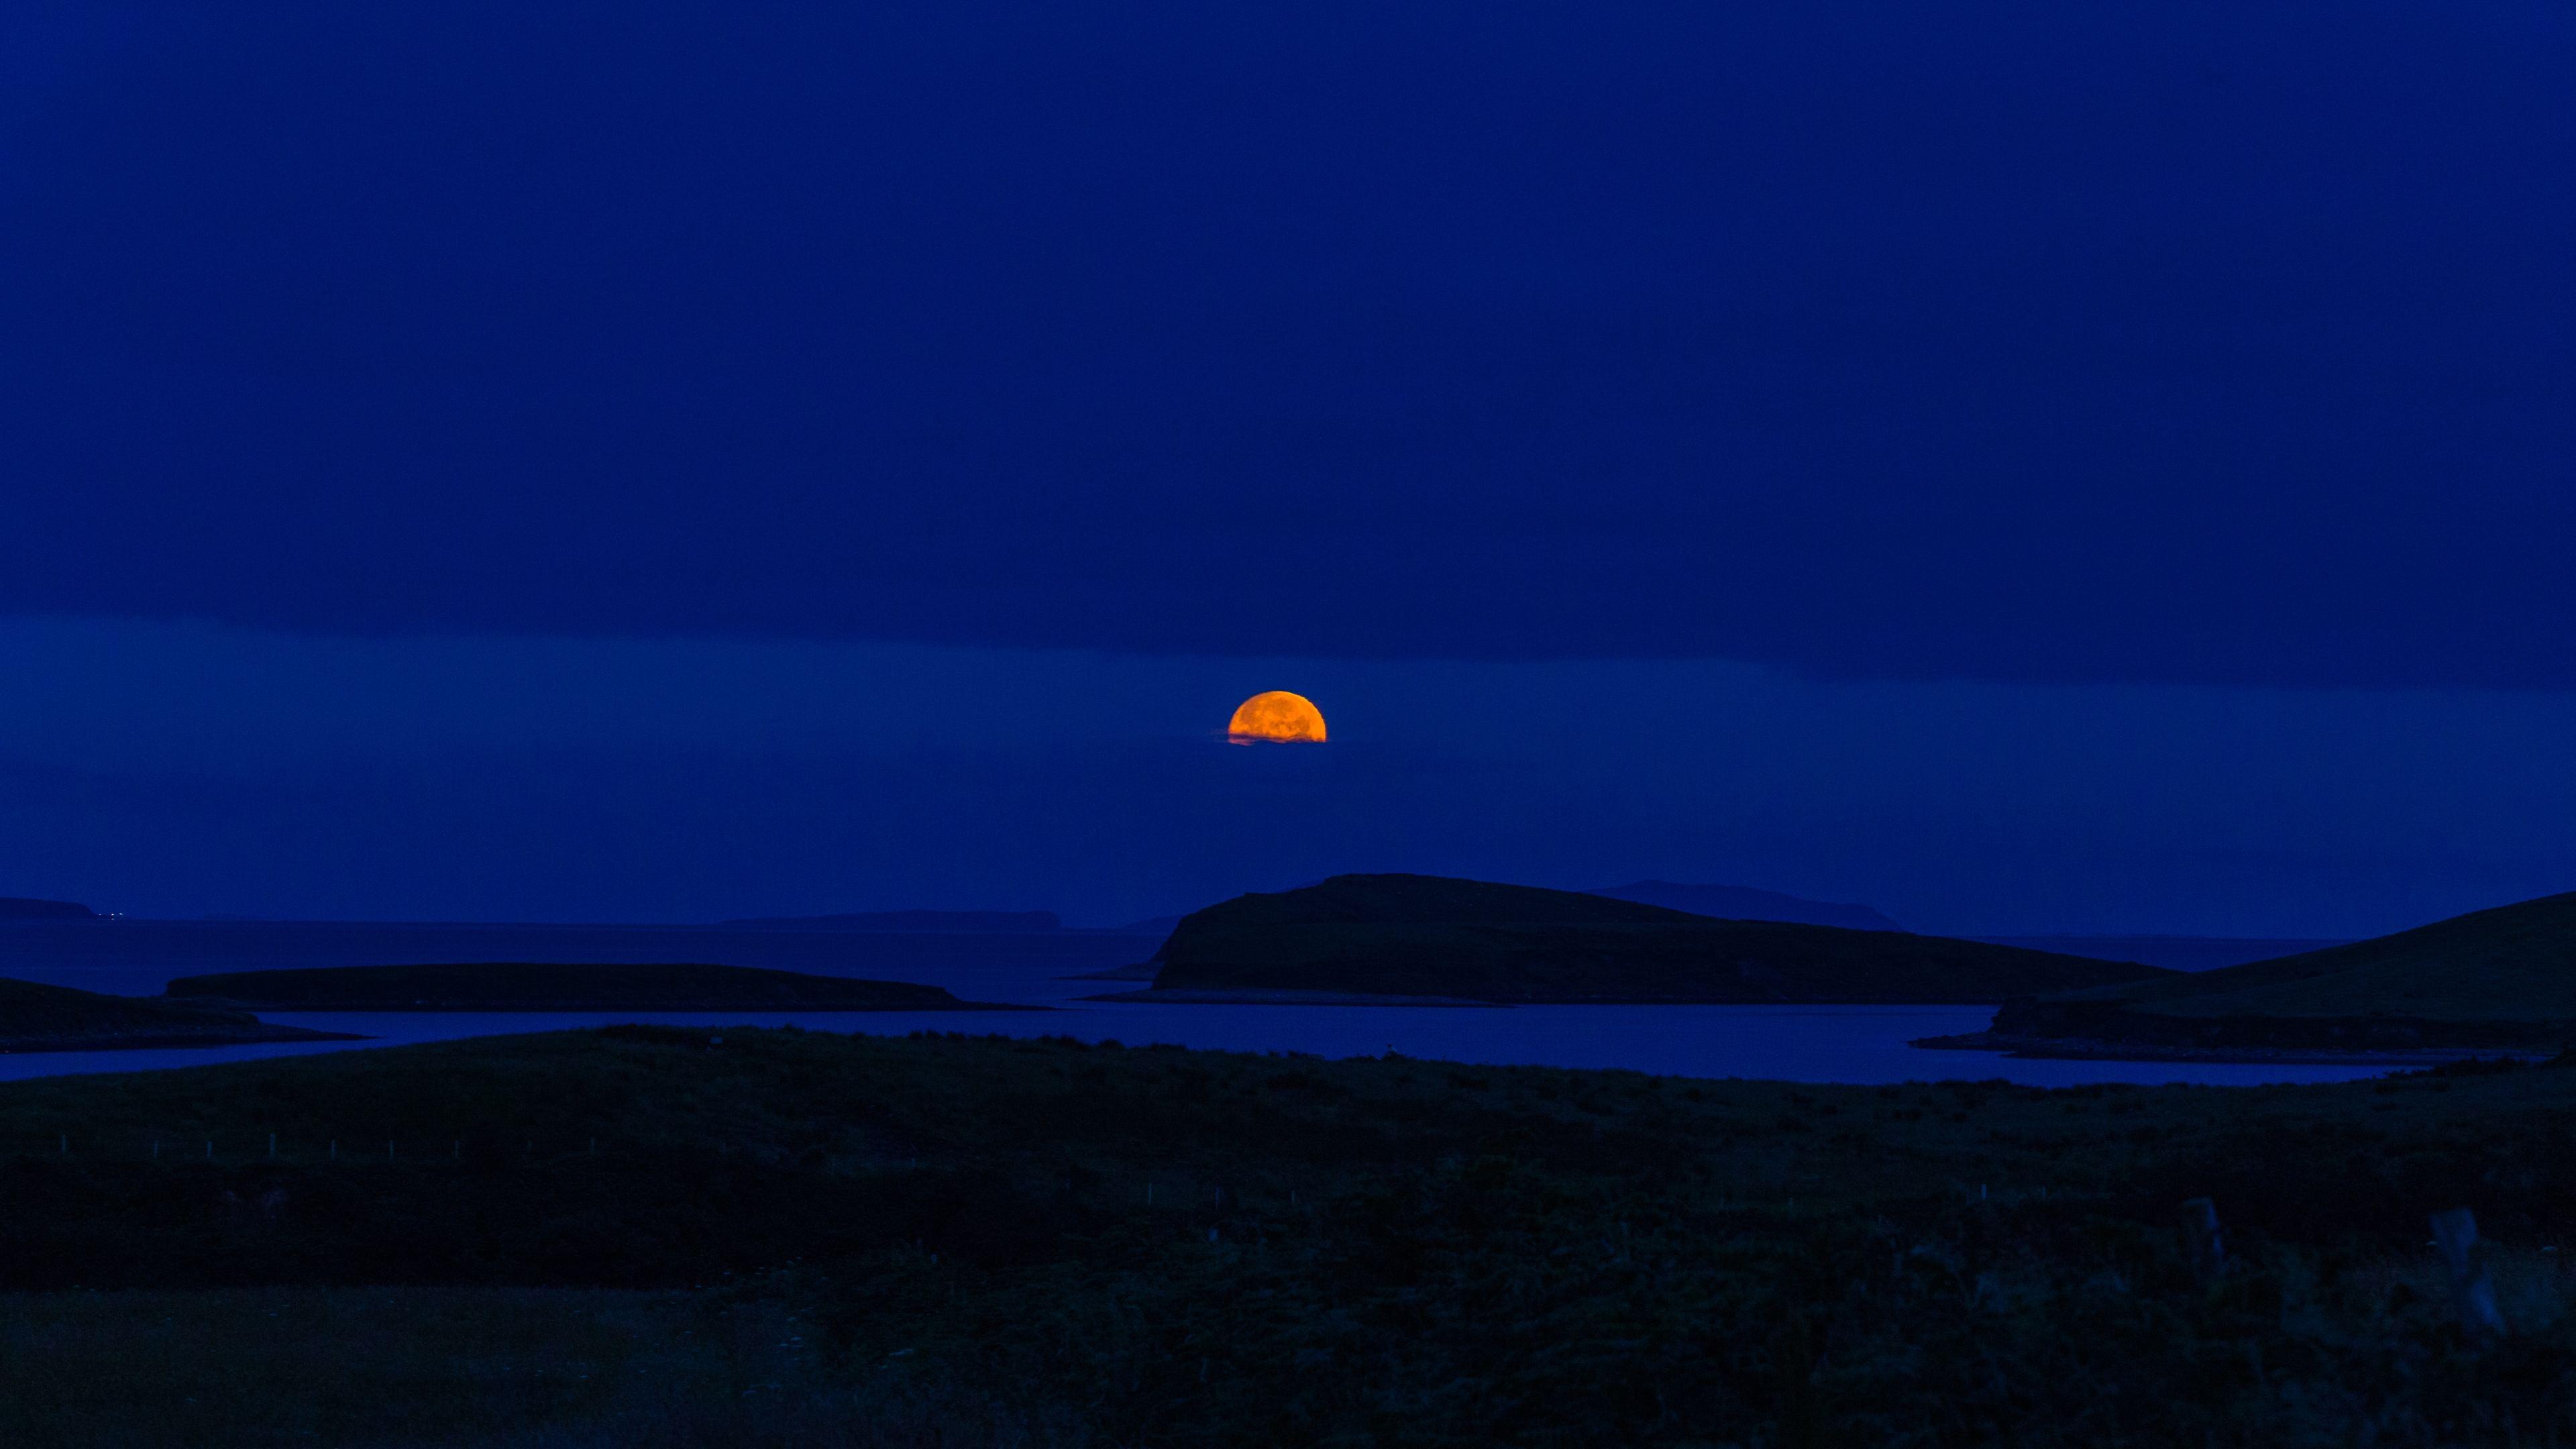 Ảnh trời đêm background mặt trăng lấp ló